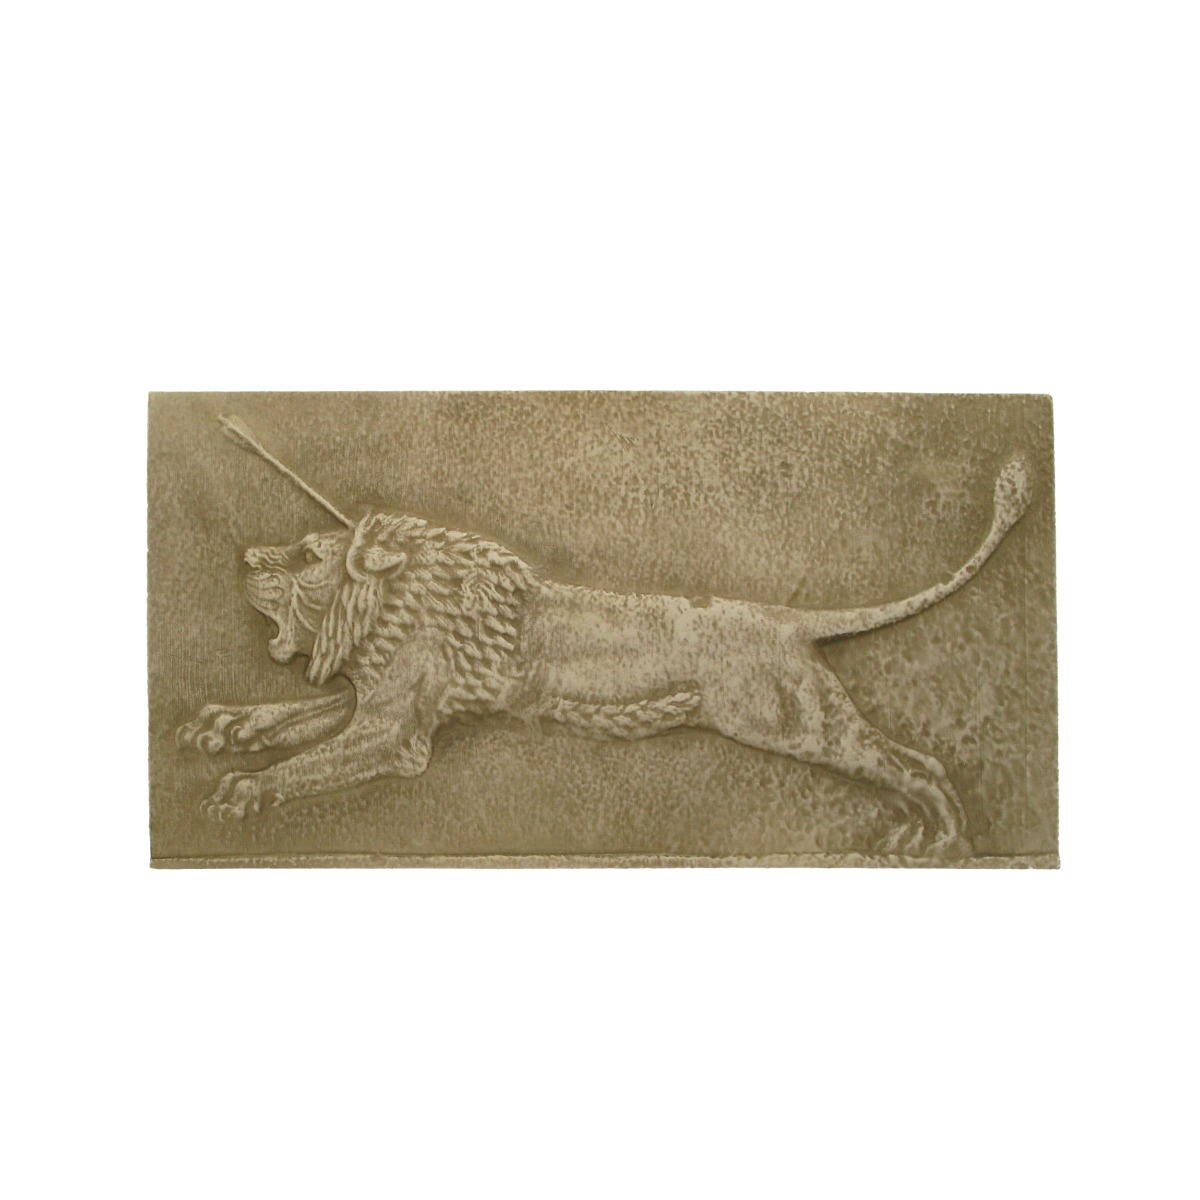 Assyrian lion plaque